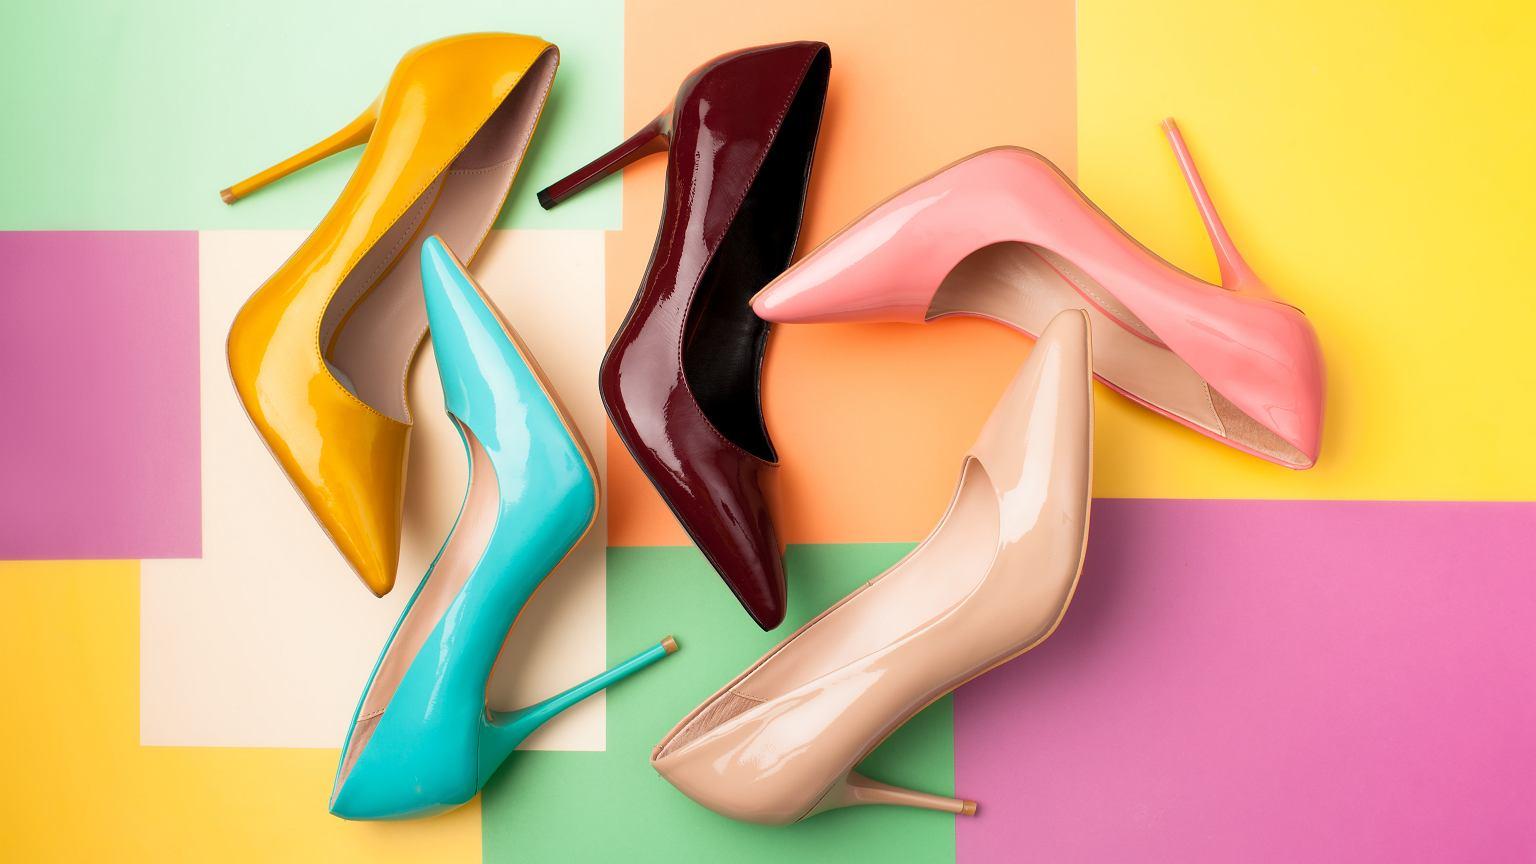 69a5288a Kolorowe szpilki do wiosennych stylizacji! Odkryj najciekawsze modele